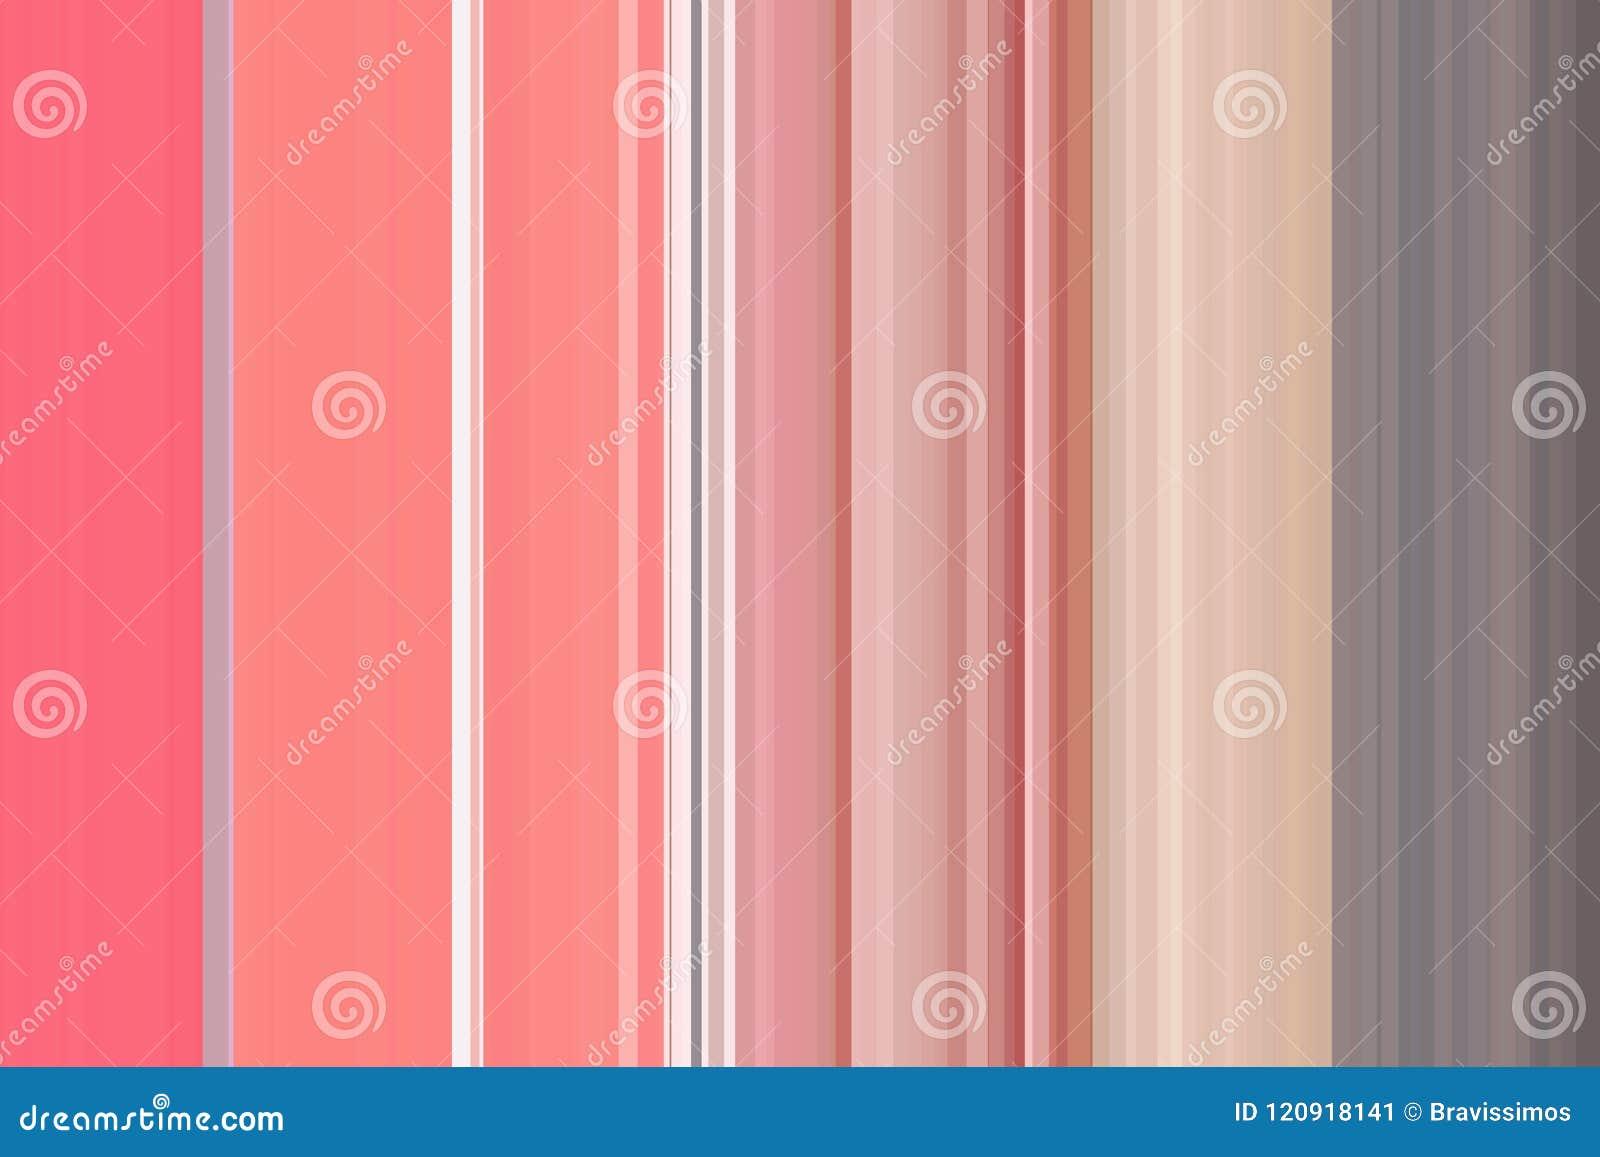 Λωρίδων υποβάθρου ρόδινη ταπετσαριών σύστασης εκλεκτής ποιότητας περίληψη γραμμών σχεδίων σχεδίου όμορφη για το δώρο μόδας κορδελ